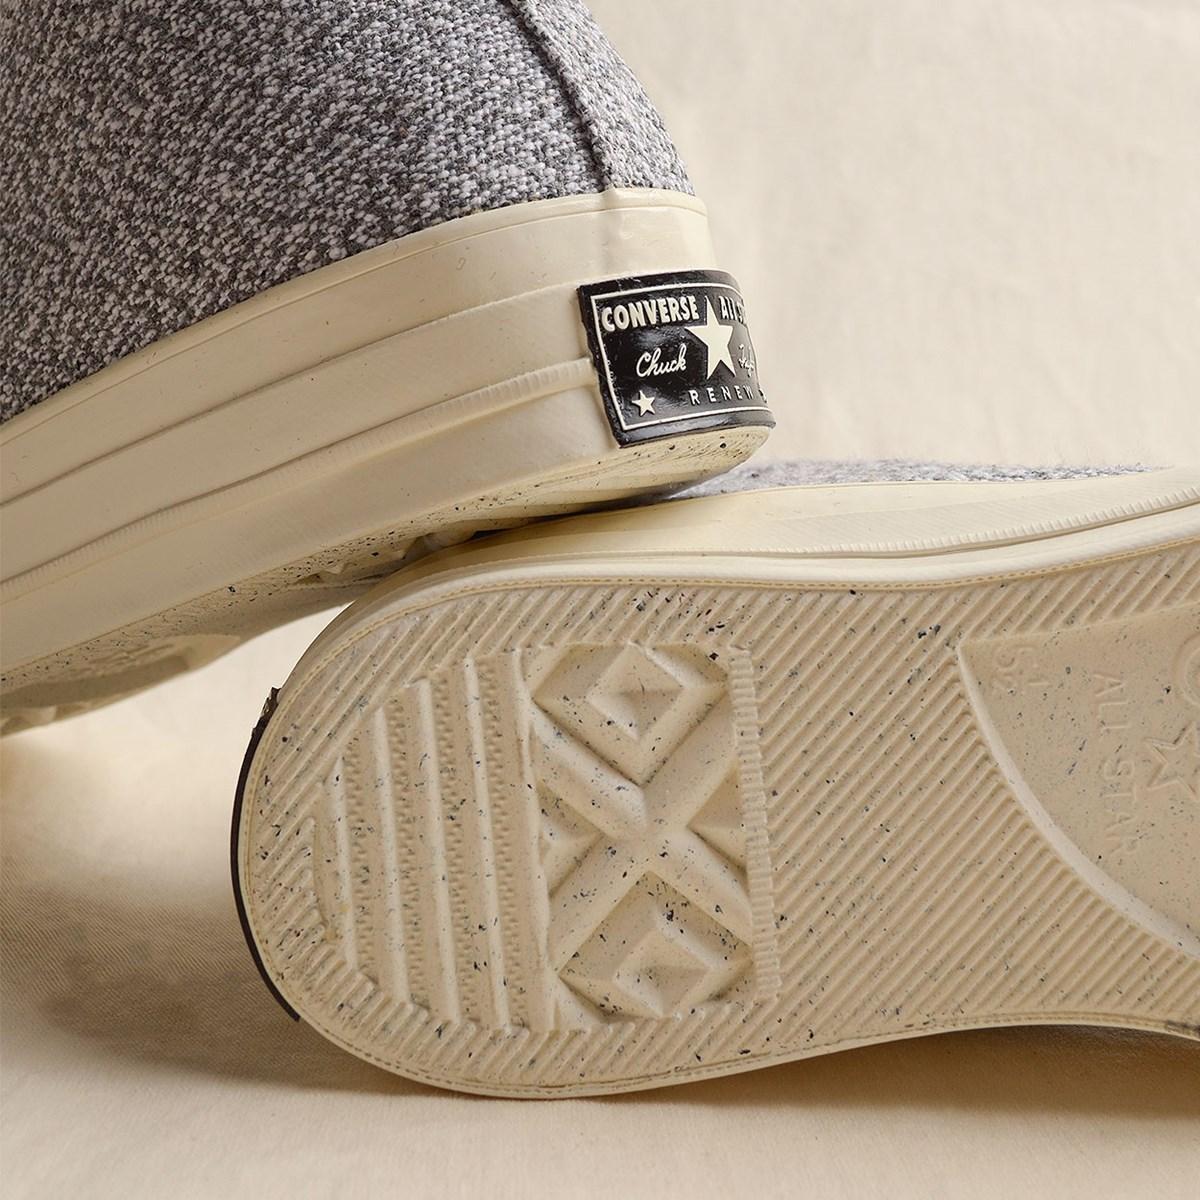 Tênis Converse Chuck 70 Renew Cotton Hi Black White 166702C